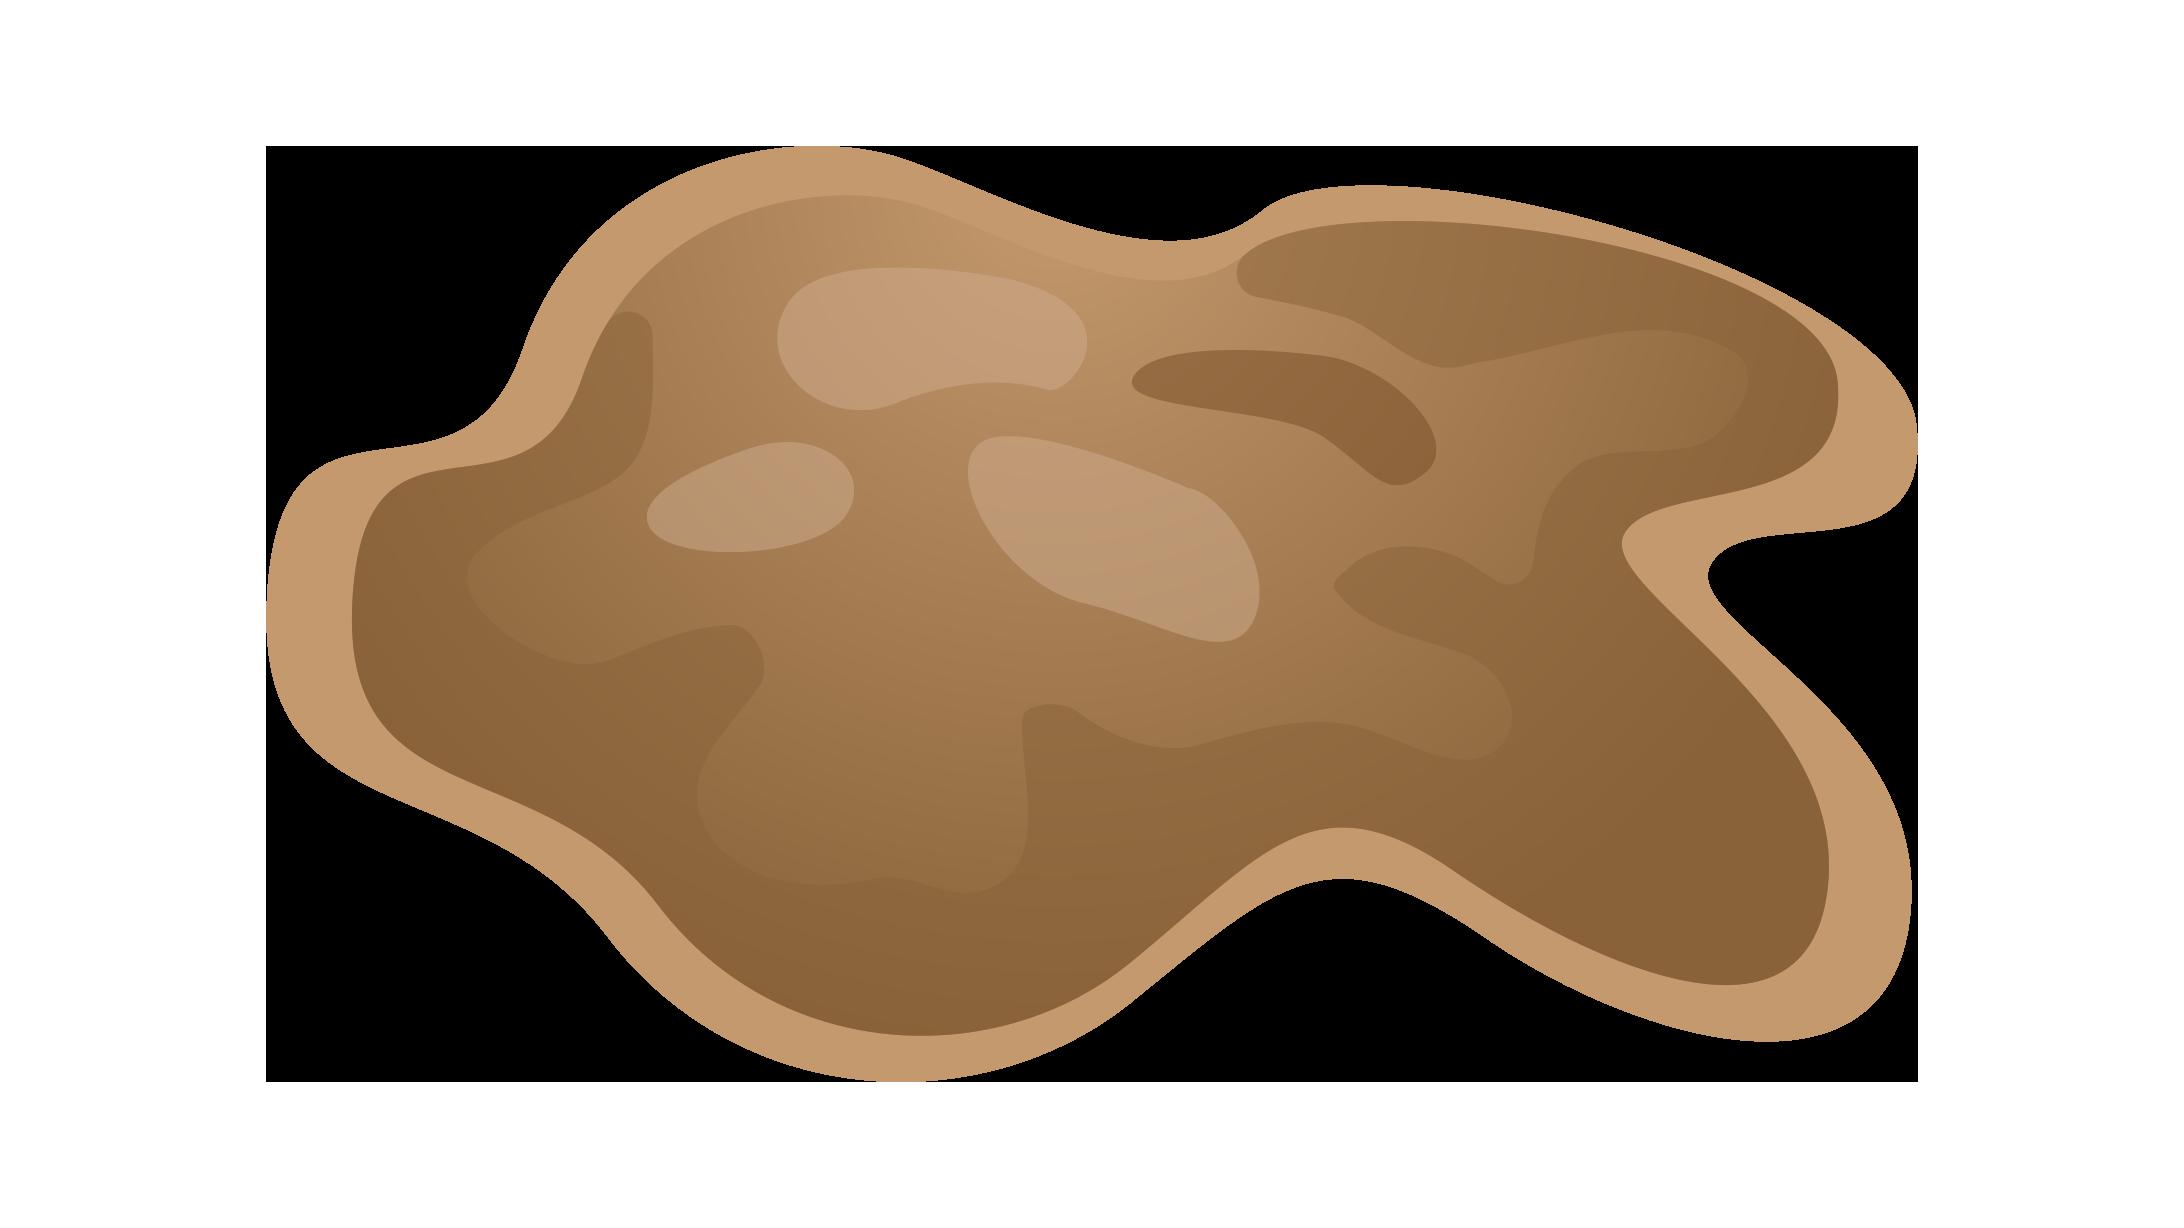 Illustration des Stuhlgang-Typ 7: Flüssiger Kot ohne feste Bestandteile